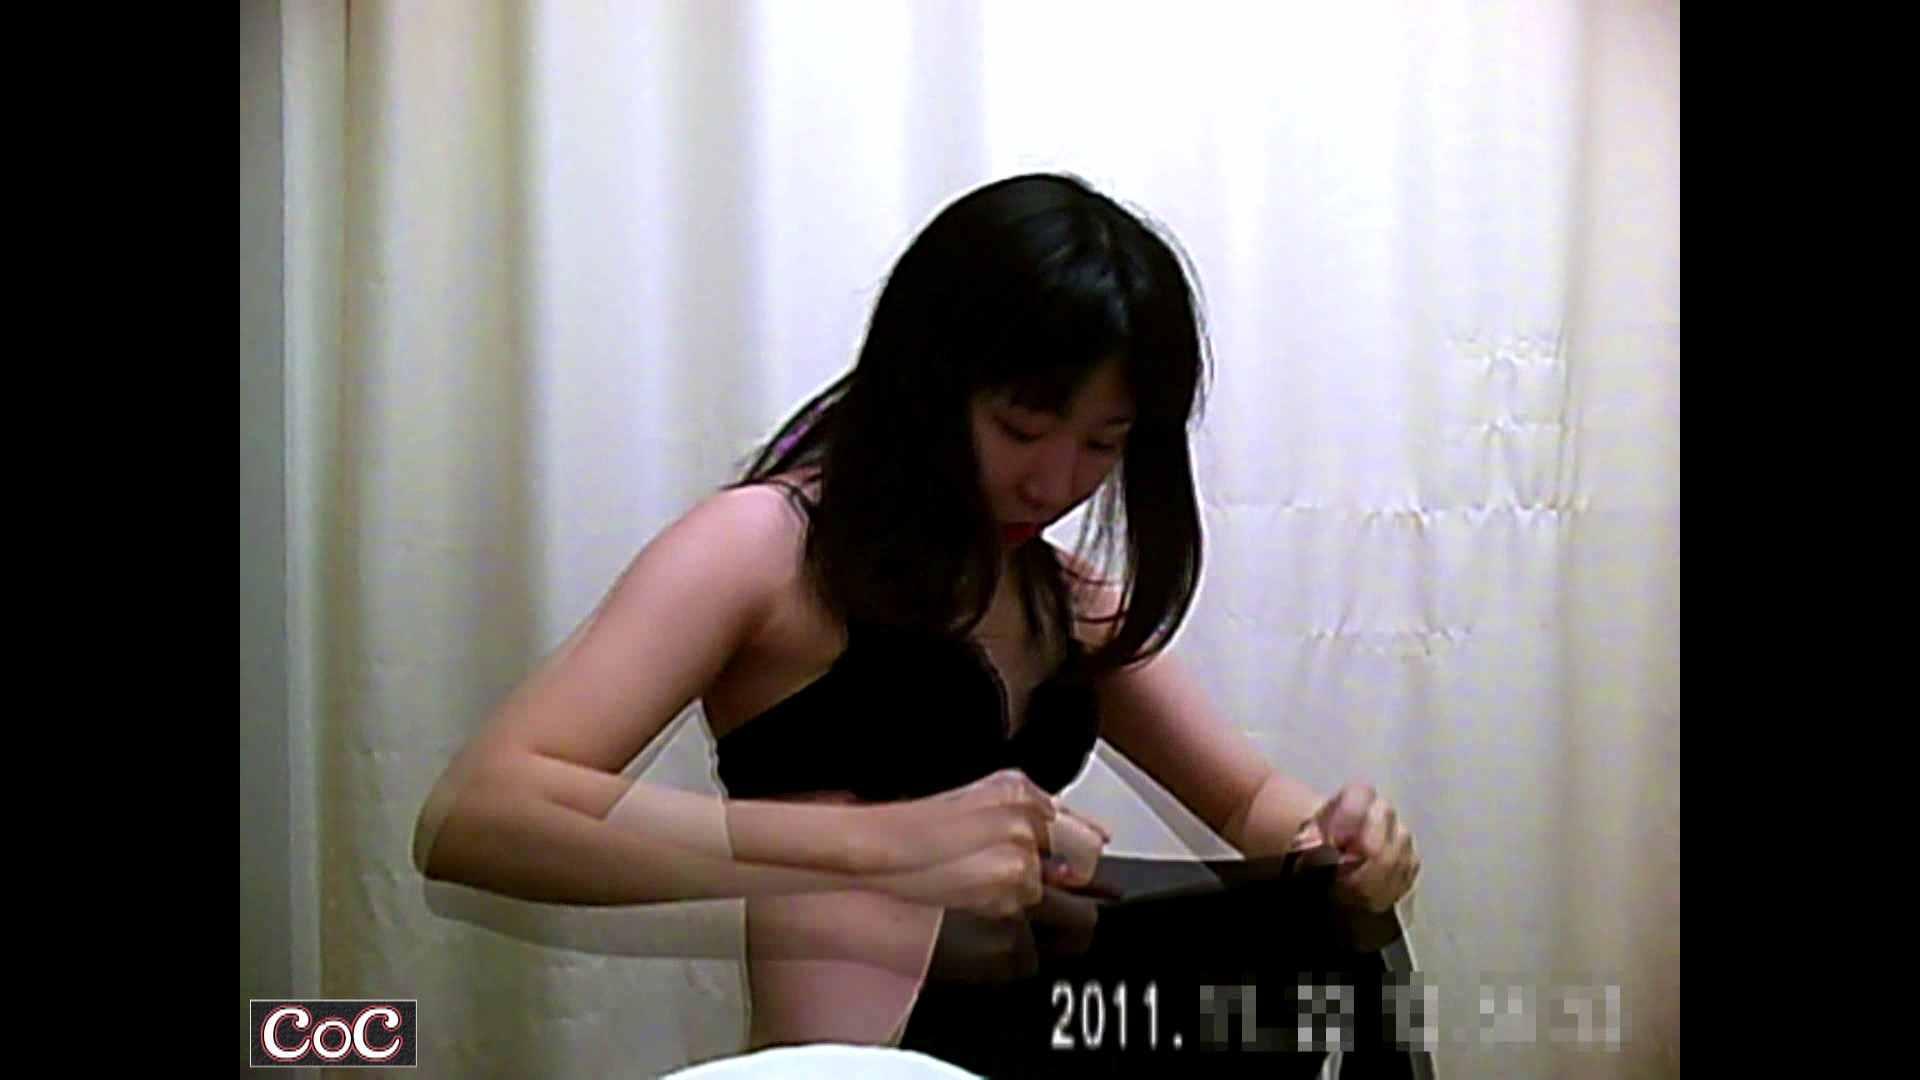 無修正エロ動画|元医者による反抗 更衣室地獄絵巻 vol.196|怪盗ジョーカー